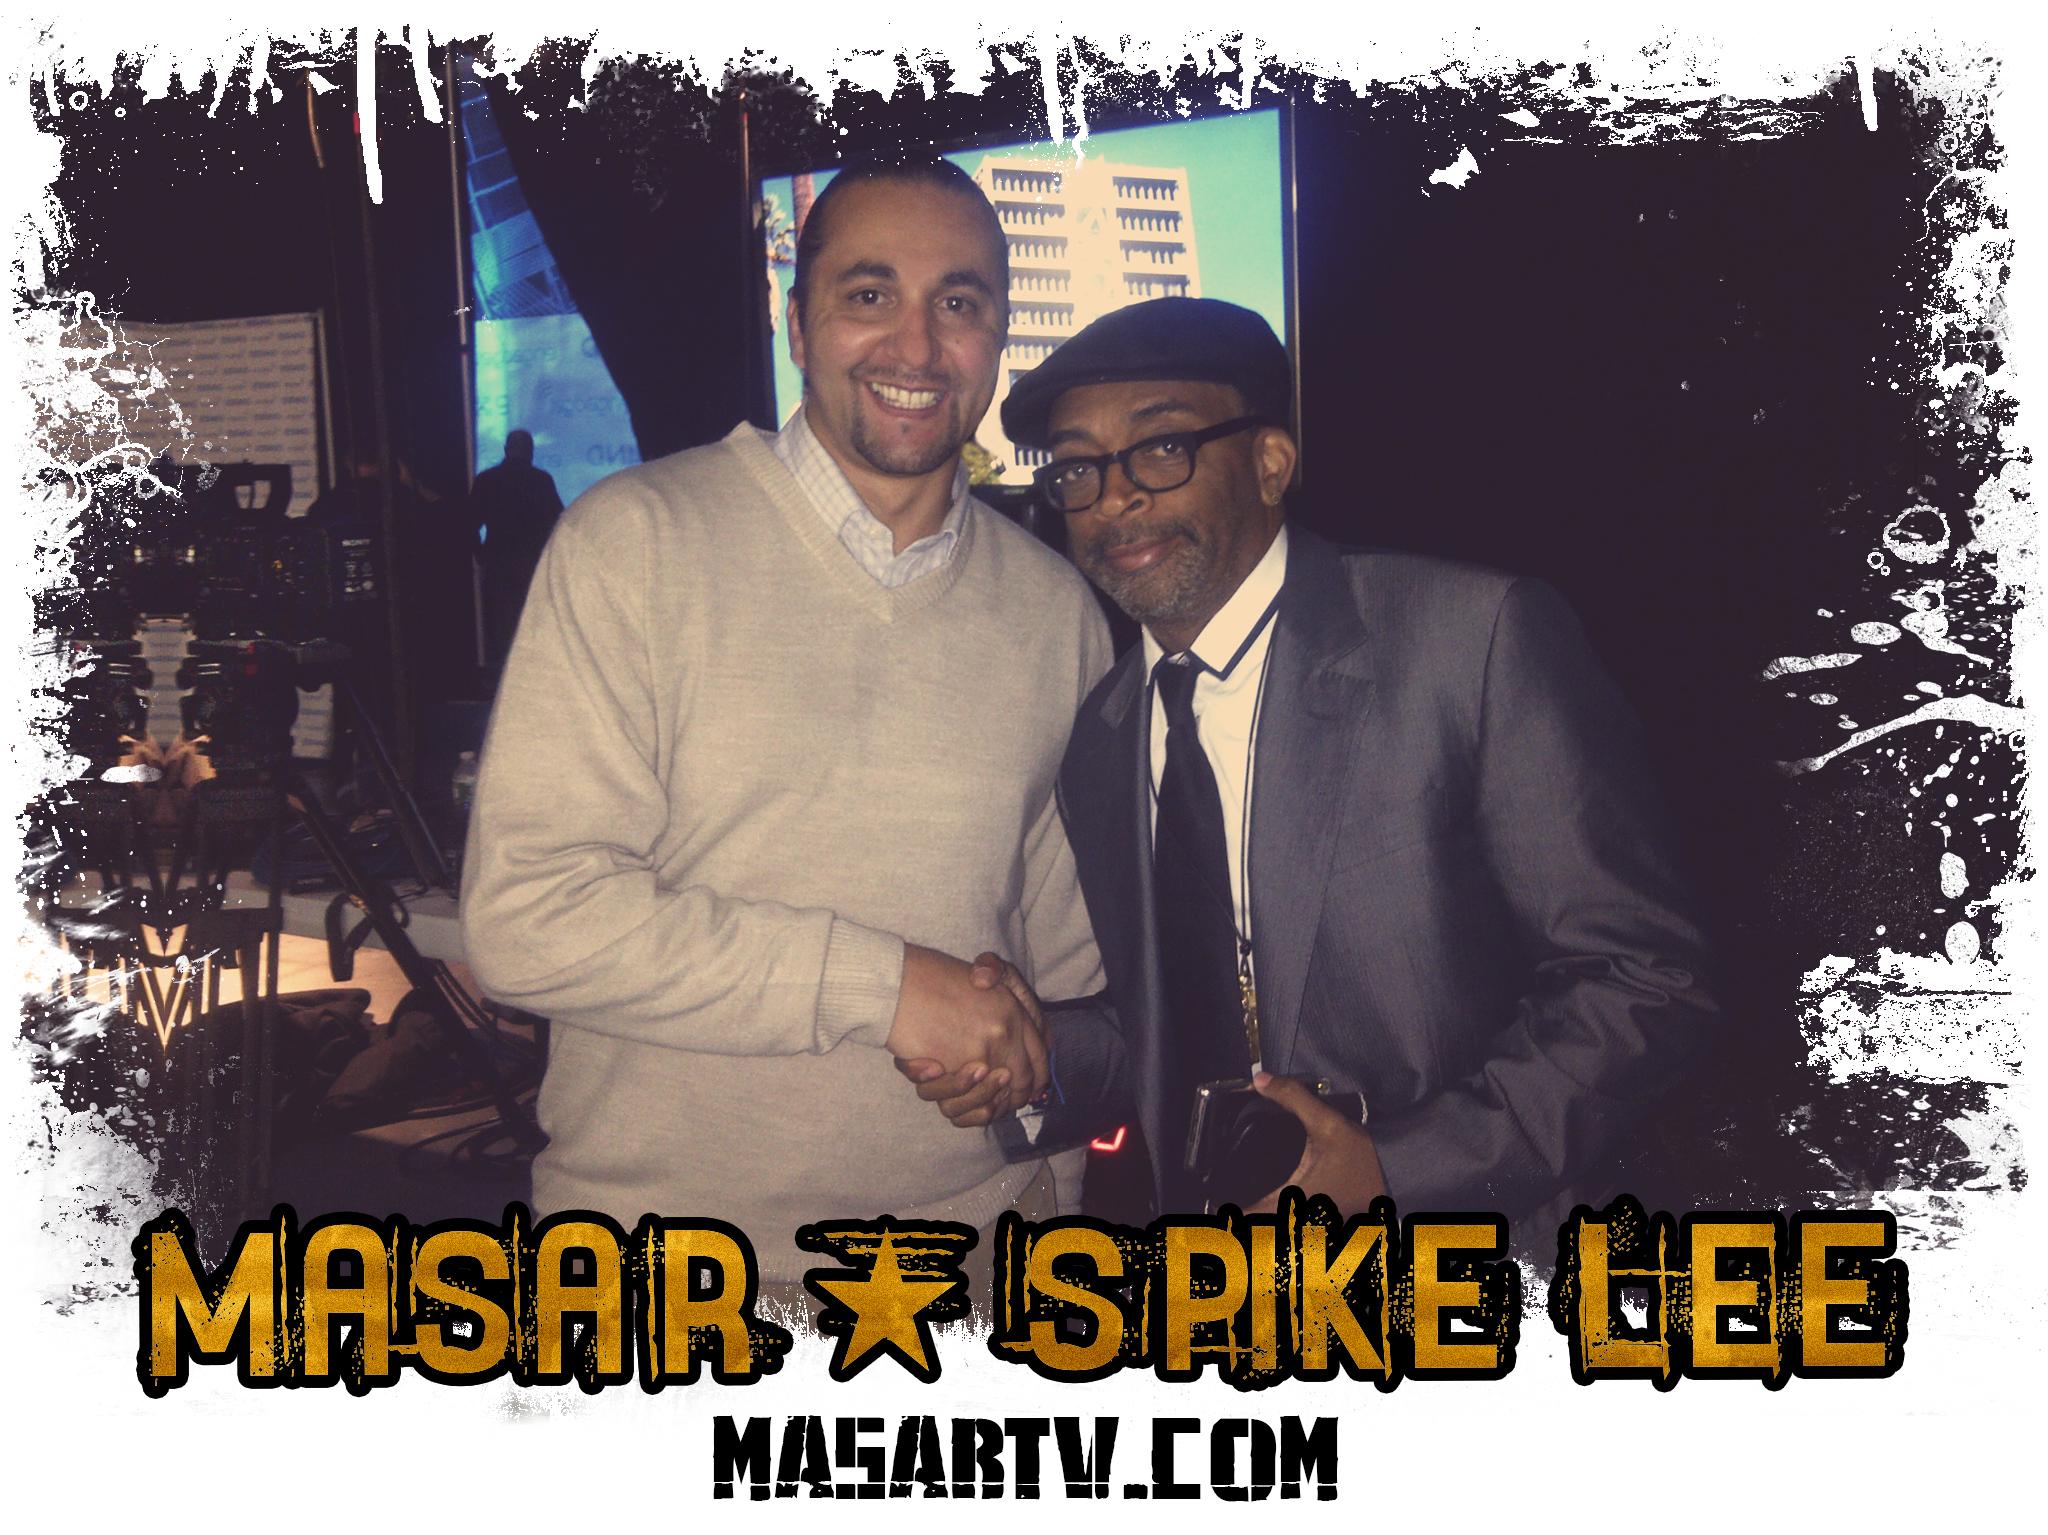 Director Masar & Spike Lee